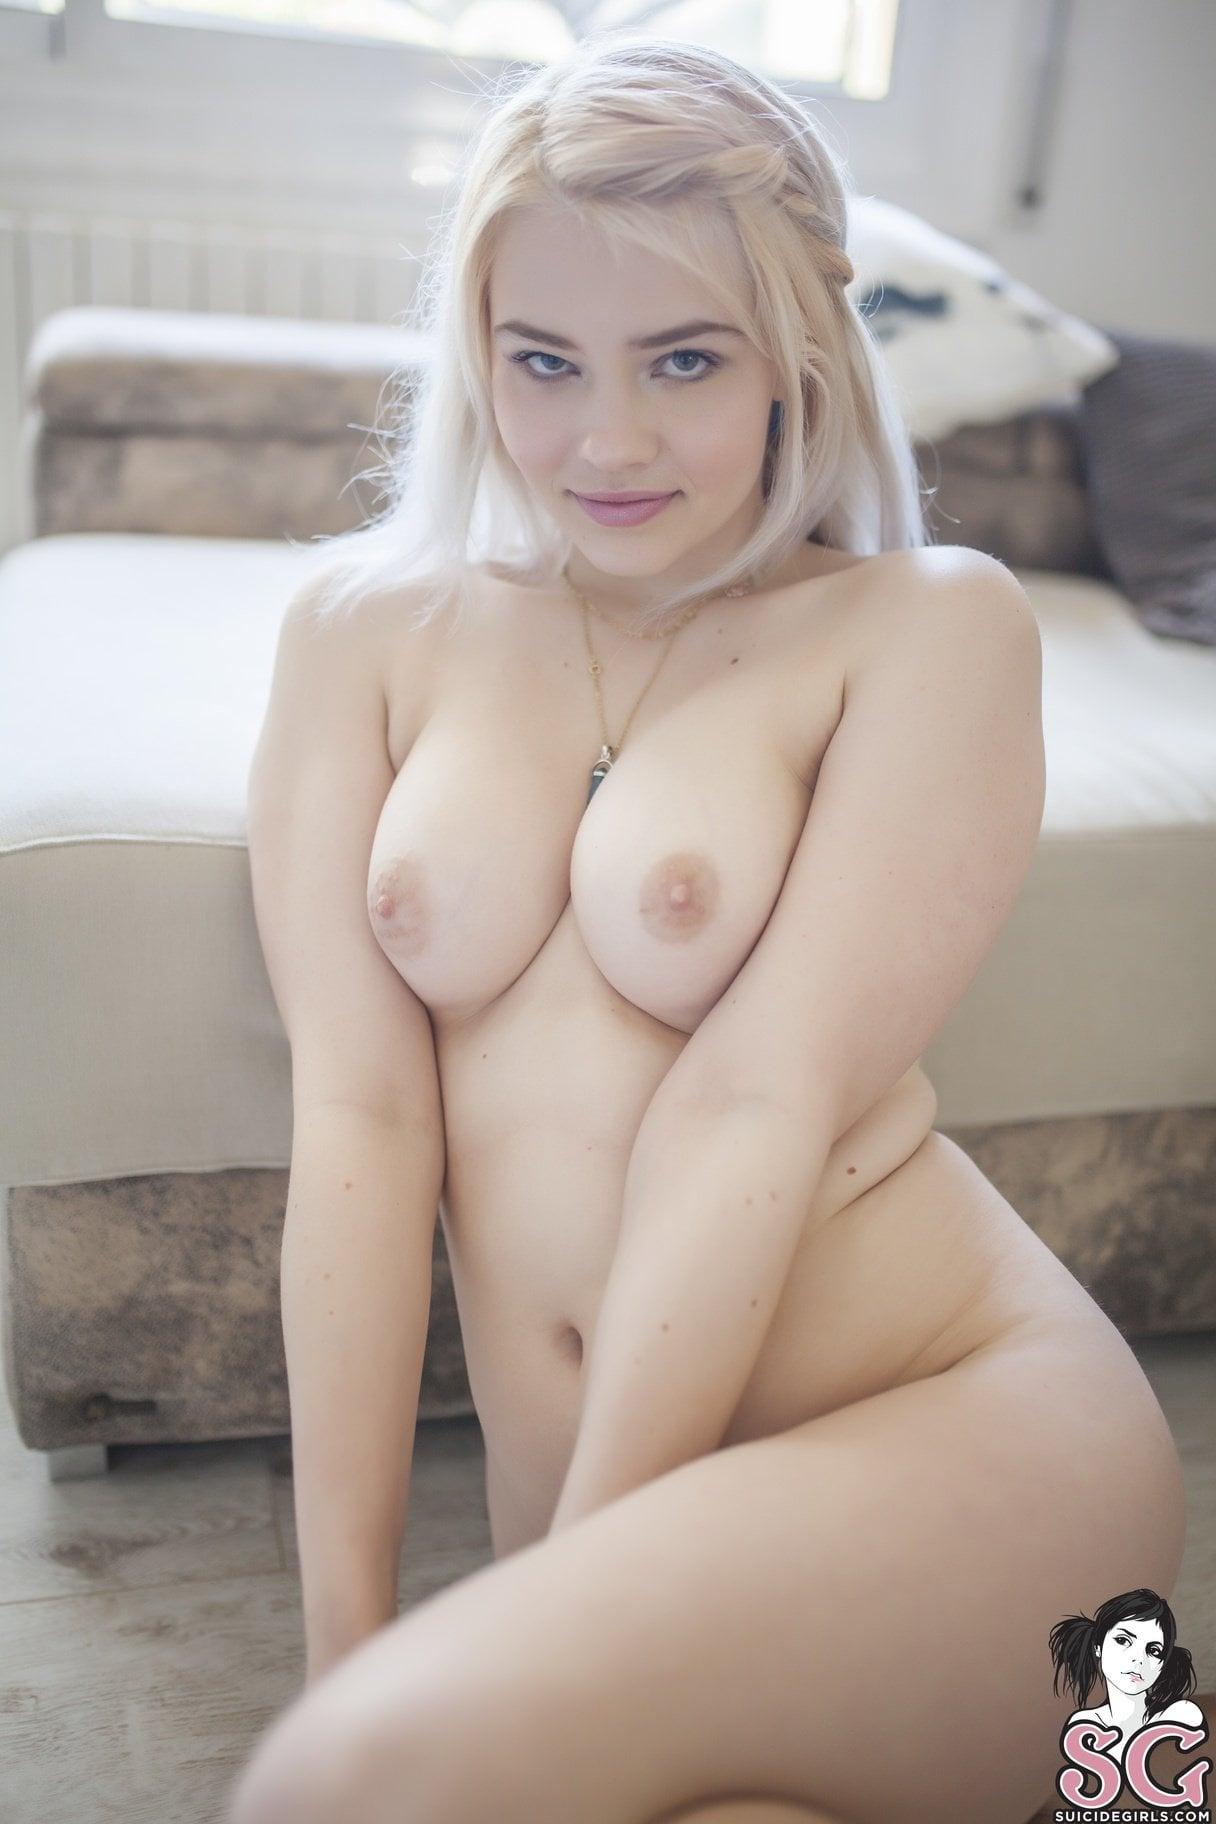 Roxylan Suicide Girl photo 25